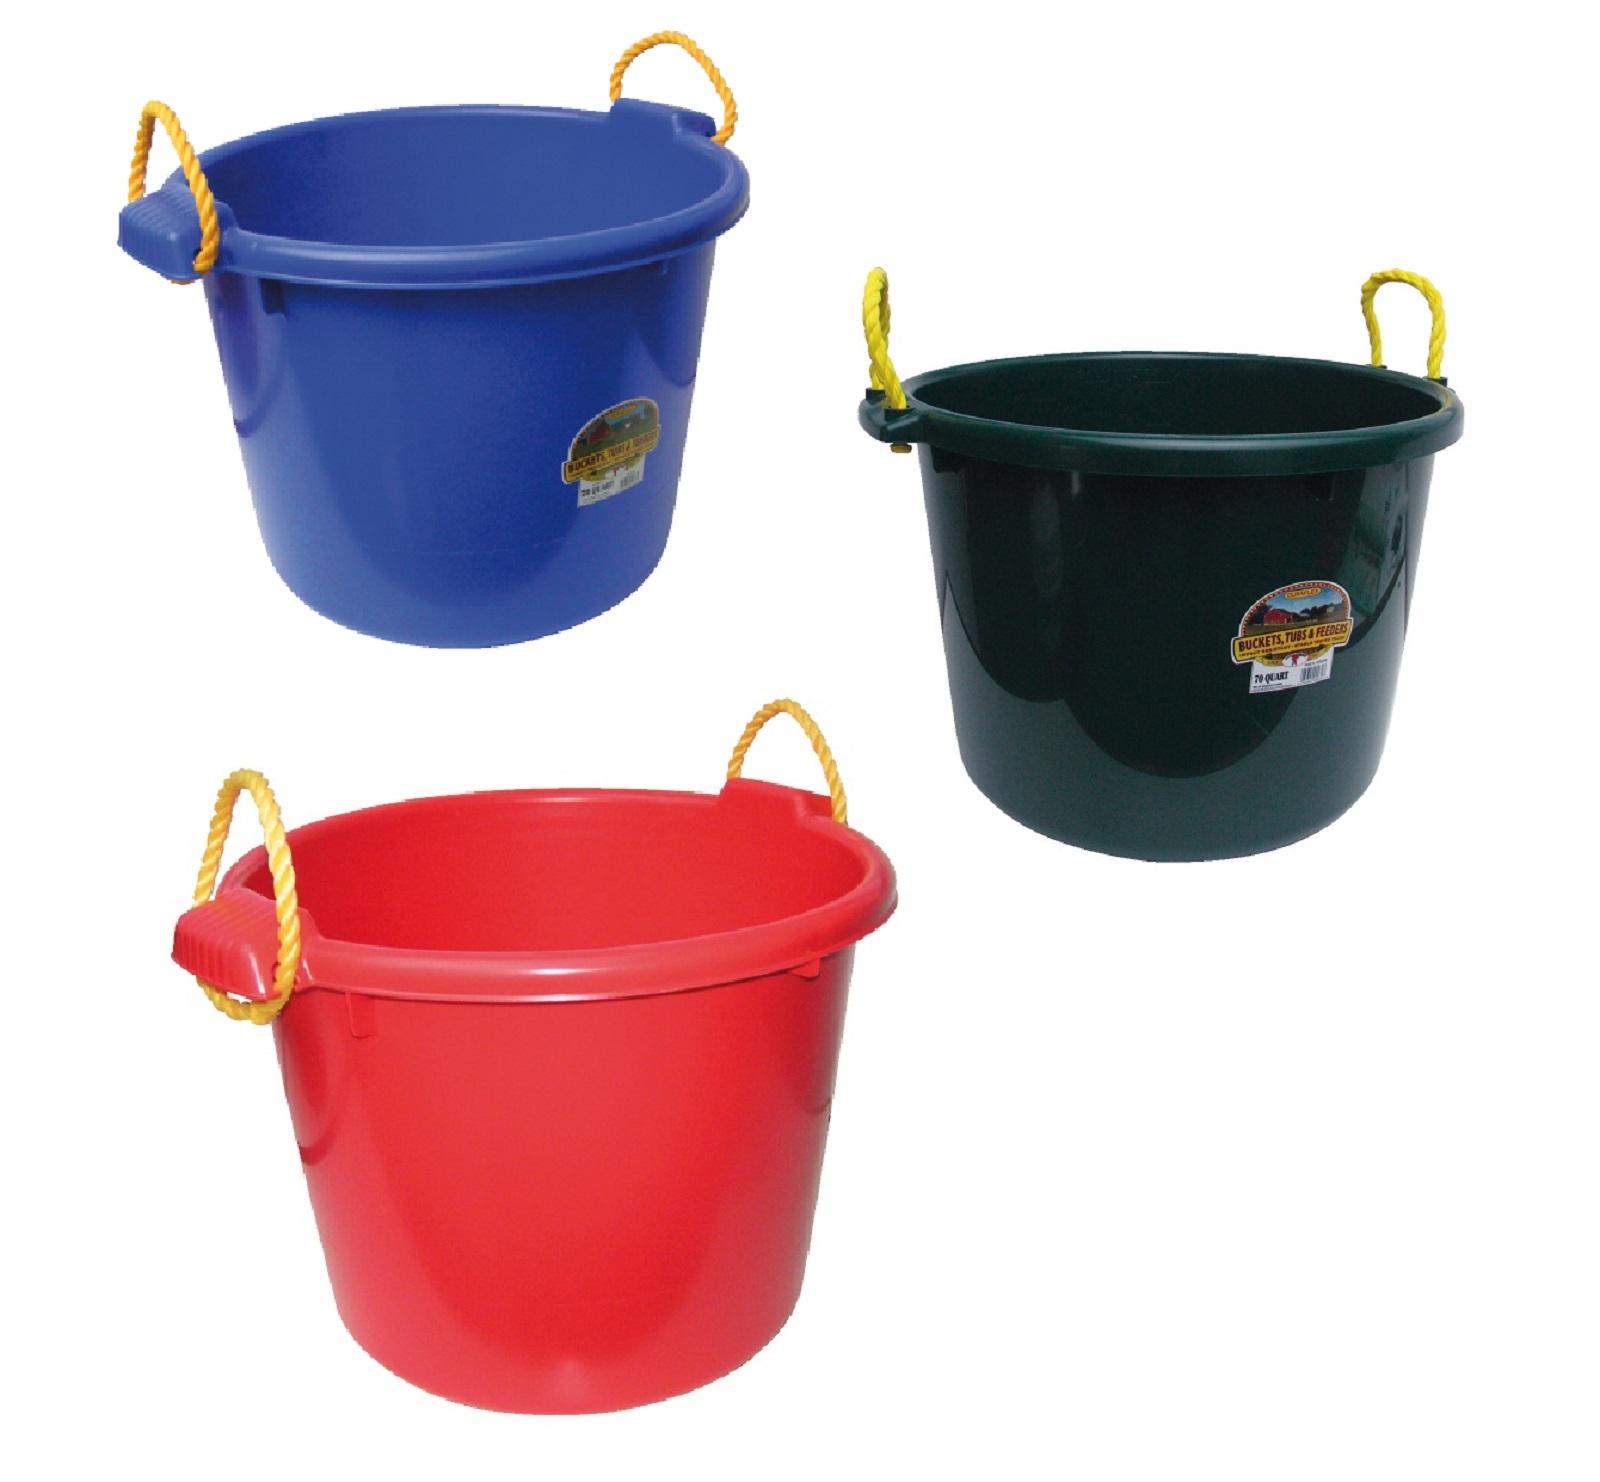 Allzweckeimer aus Kunststoff 70 Liter * versch. Farben - Qualität von HORIZONT